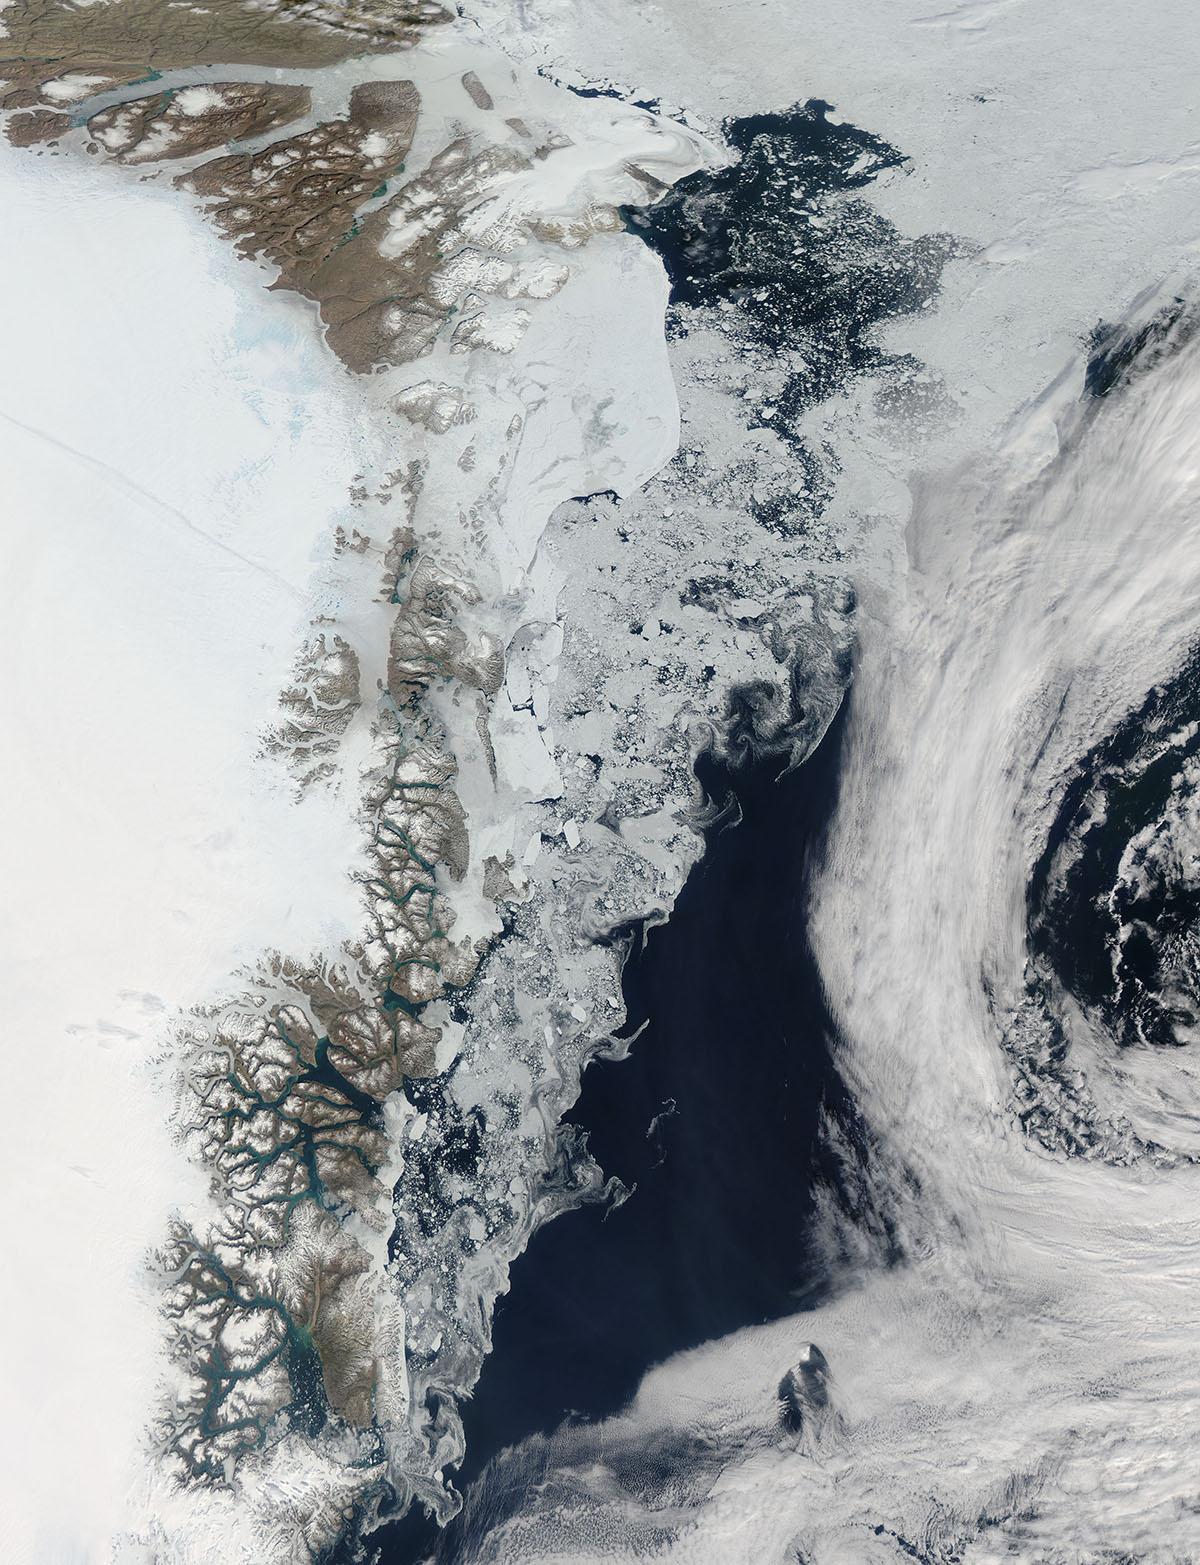 Гренландское море — часть Северного Ледовитого океана, расположенная между Гренландией, Исландией, Шпицбергеном и островом Ян-Майен. Общая площадь моря составляет около 1 205 000 км², средняя глубина — 1444 м, наибольшая глубина — 5527 м